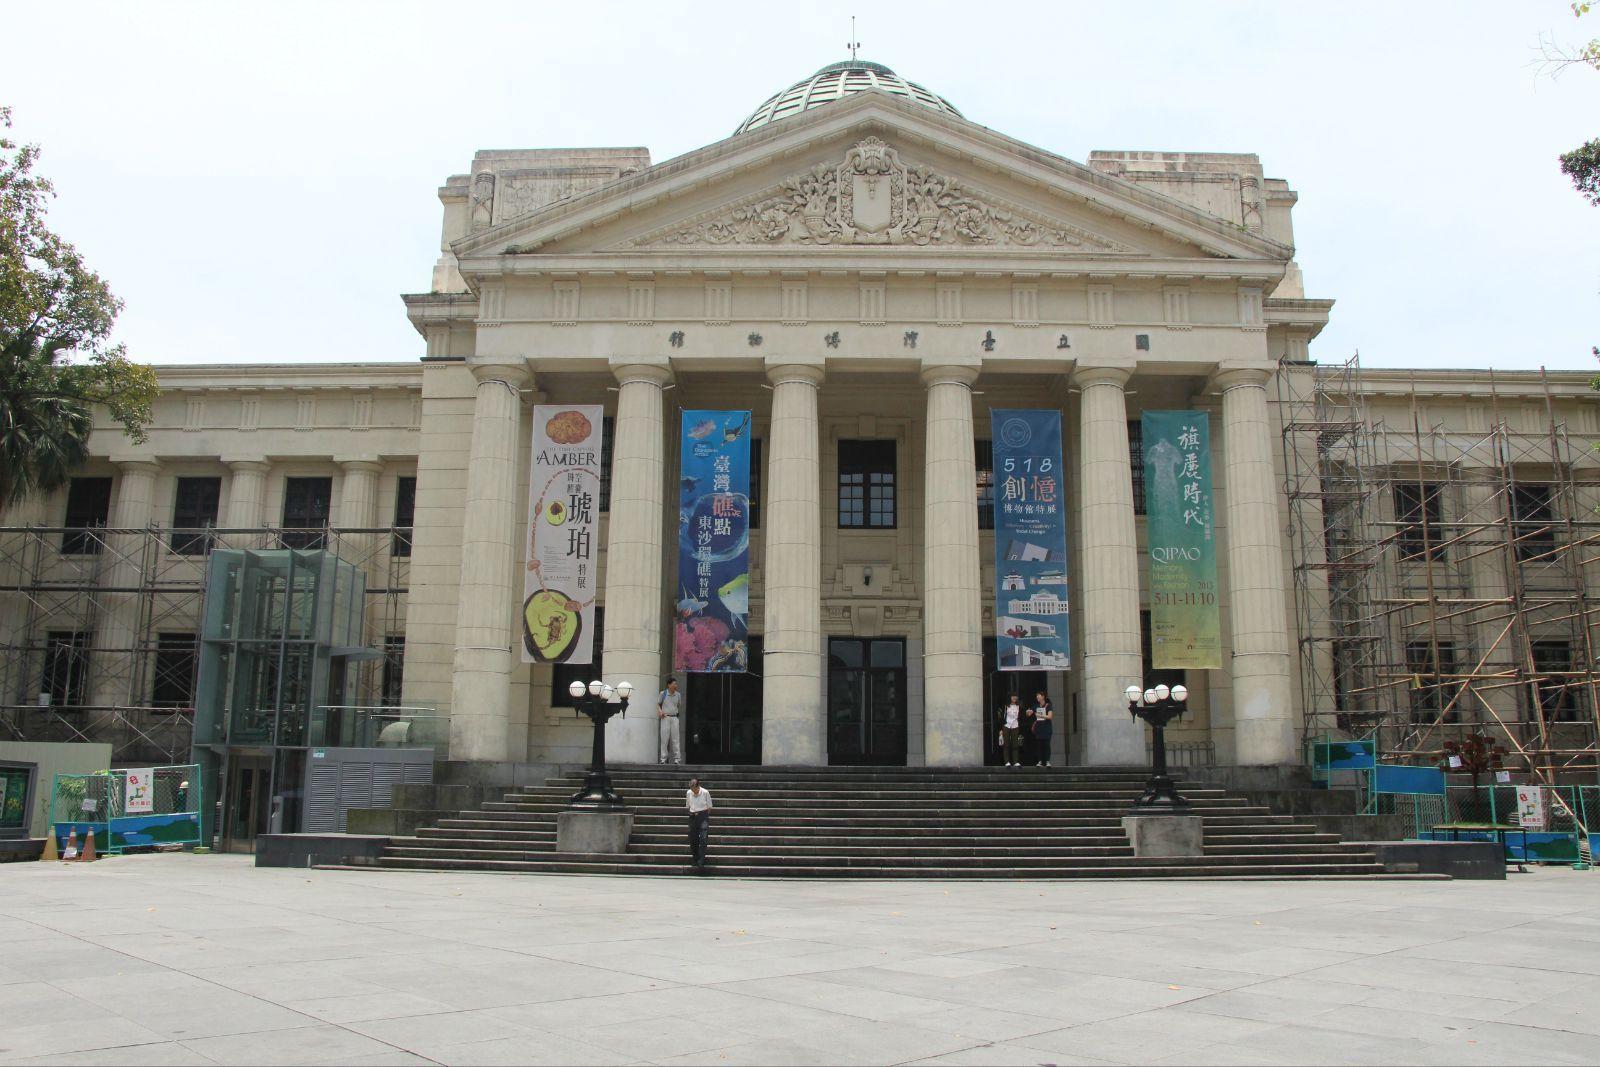 博物馆主馆门庭,怎么是欧式建筑呢?